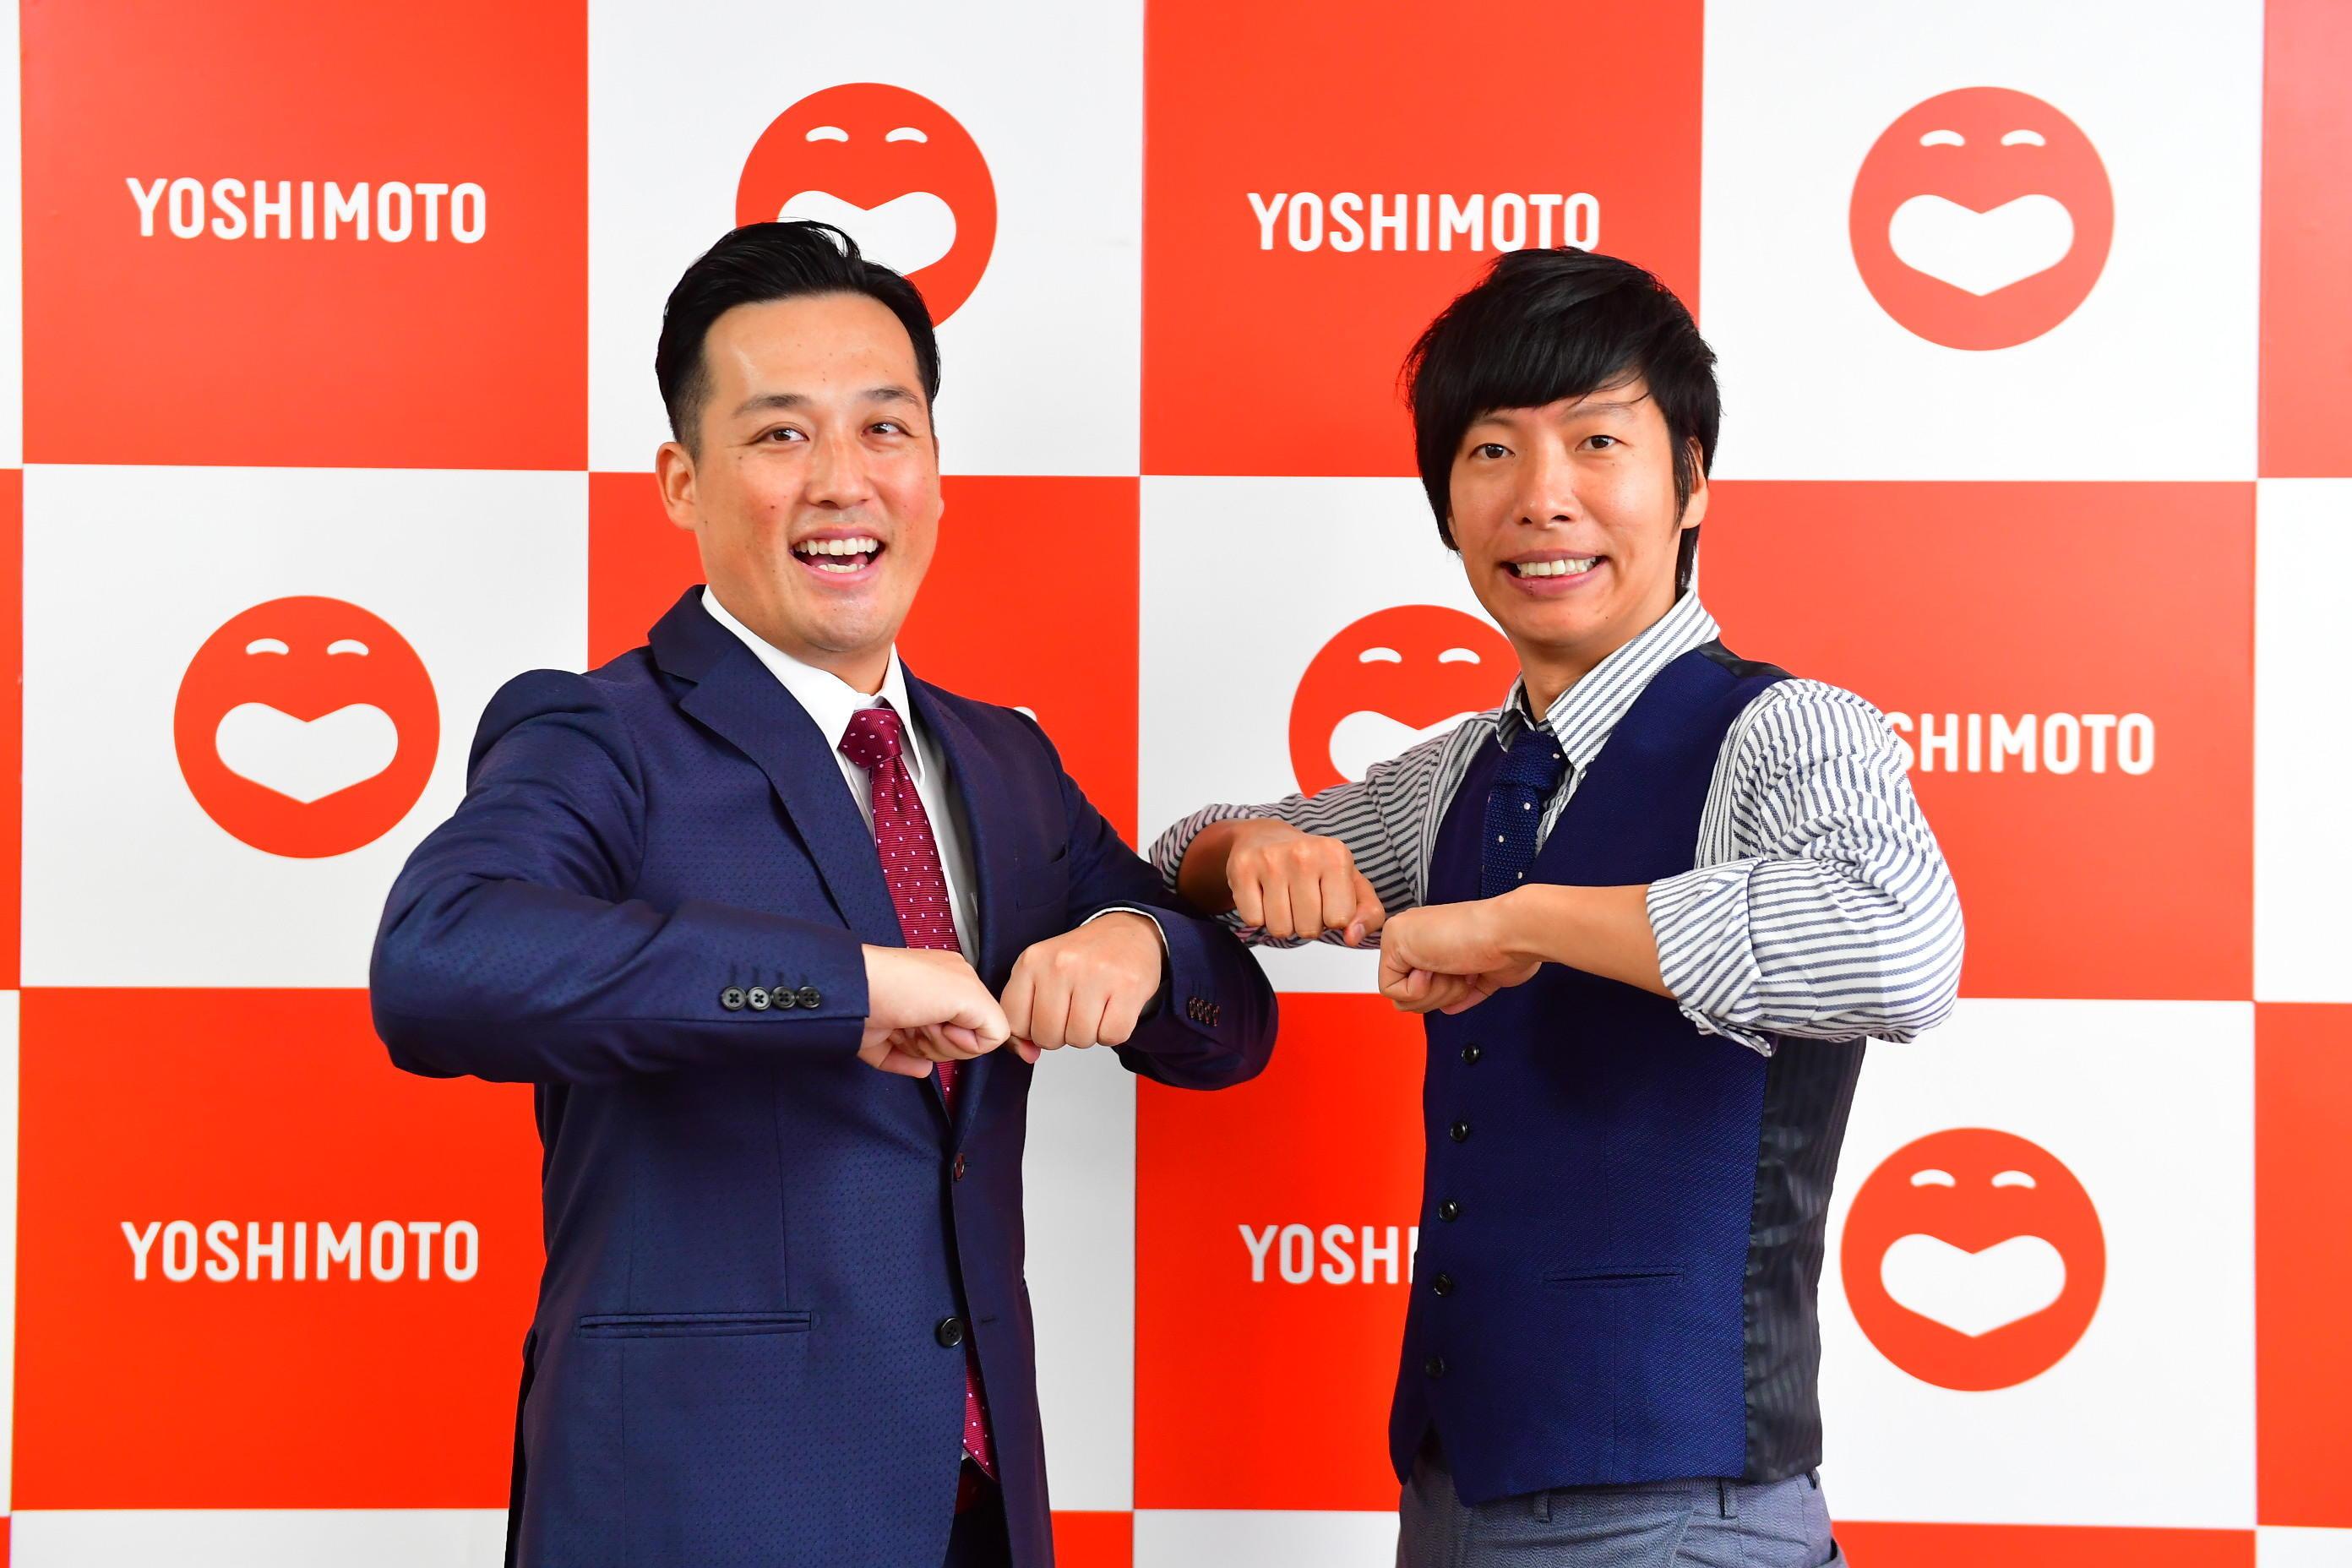 http://news.yoshimoto.co.jp/20171227162320-cd9e82fd69146bb76cae95a8003184b75c0748c9.jpg